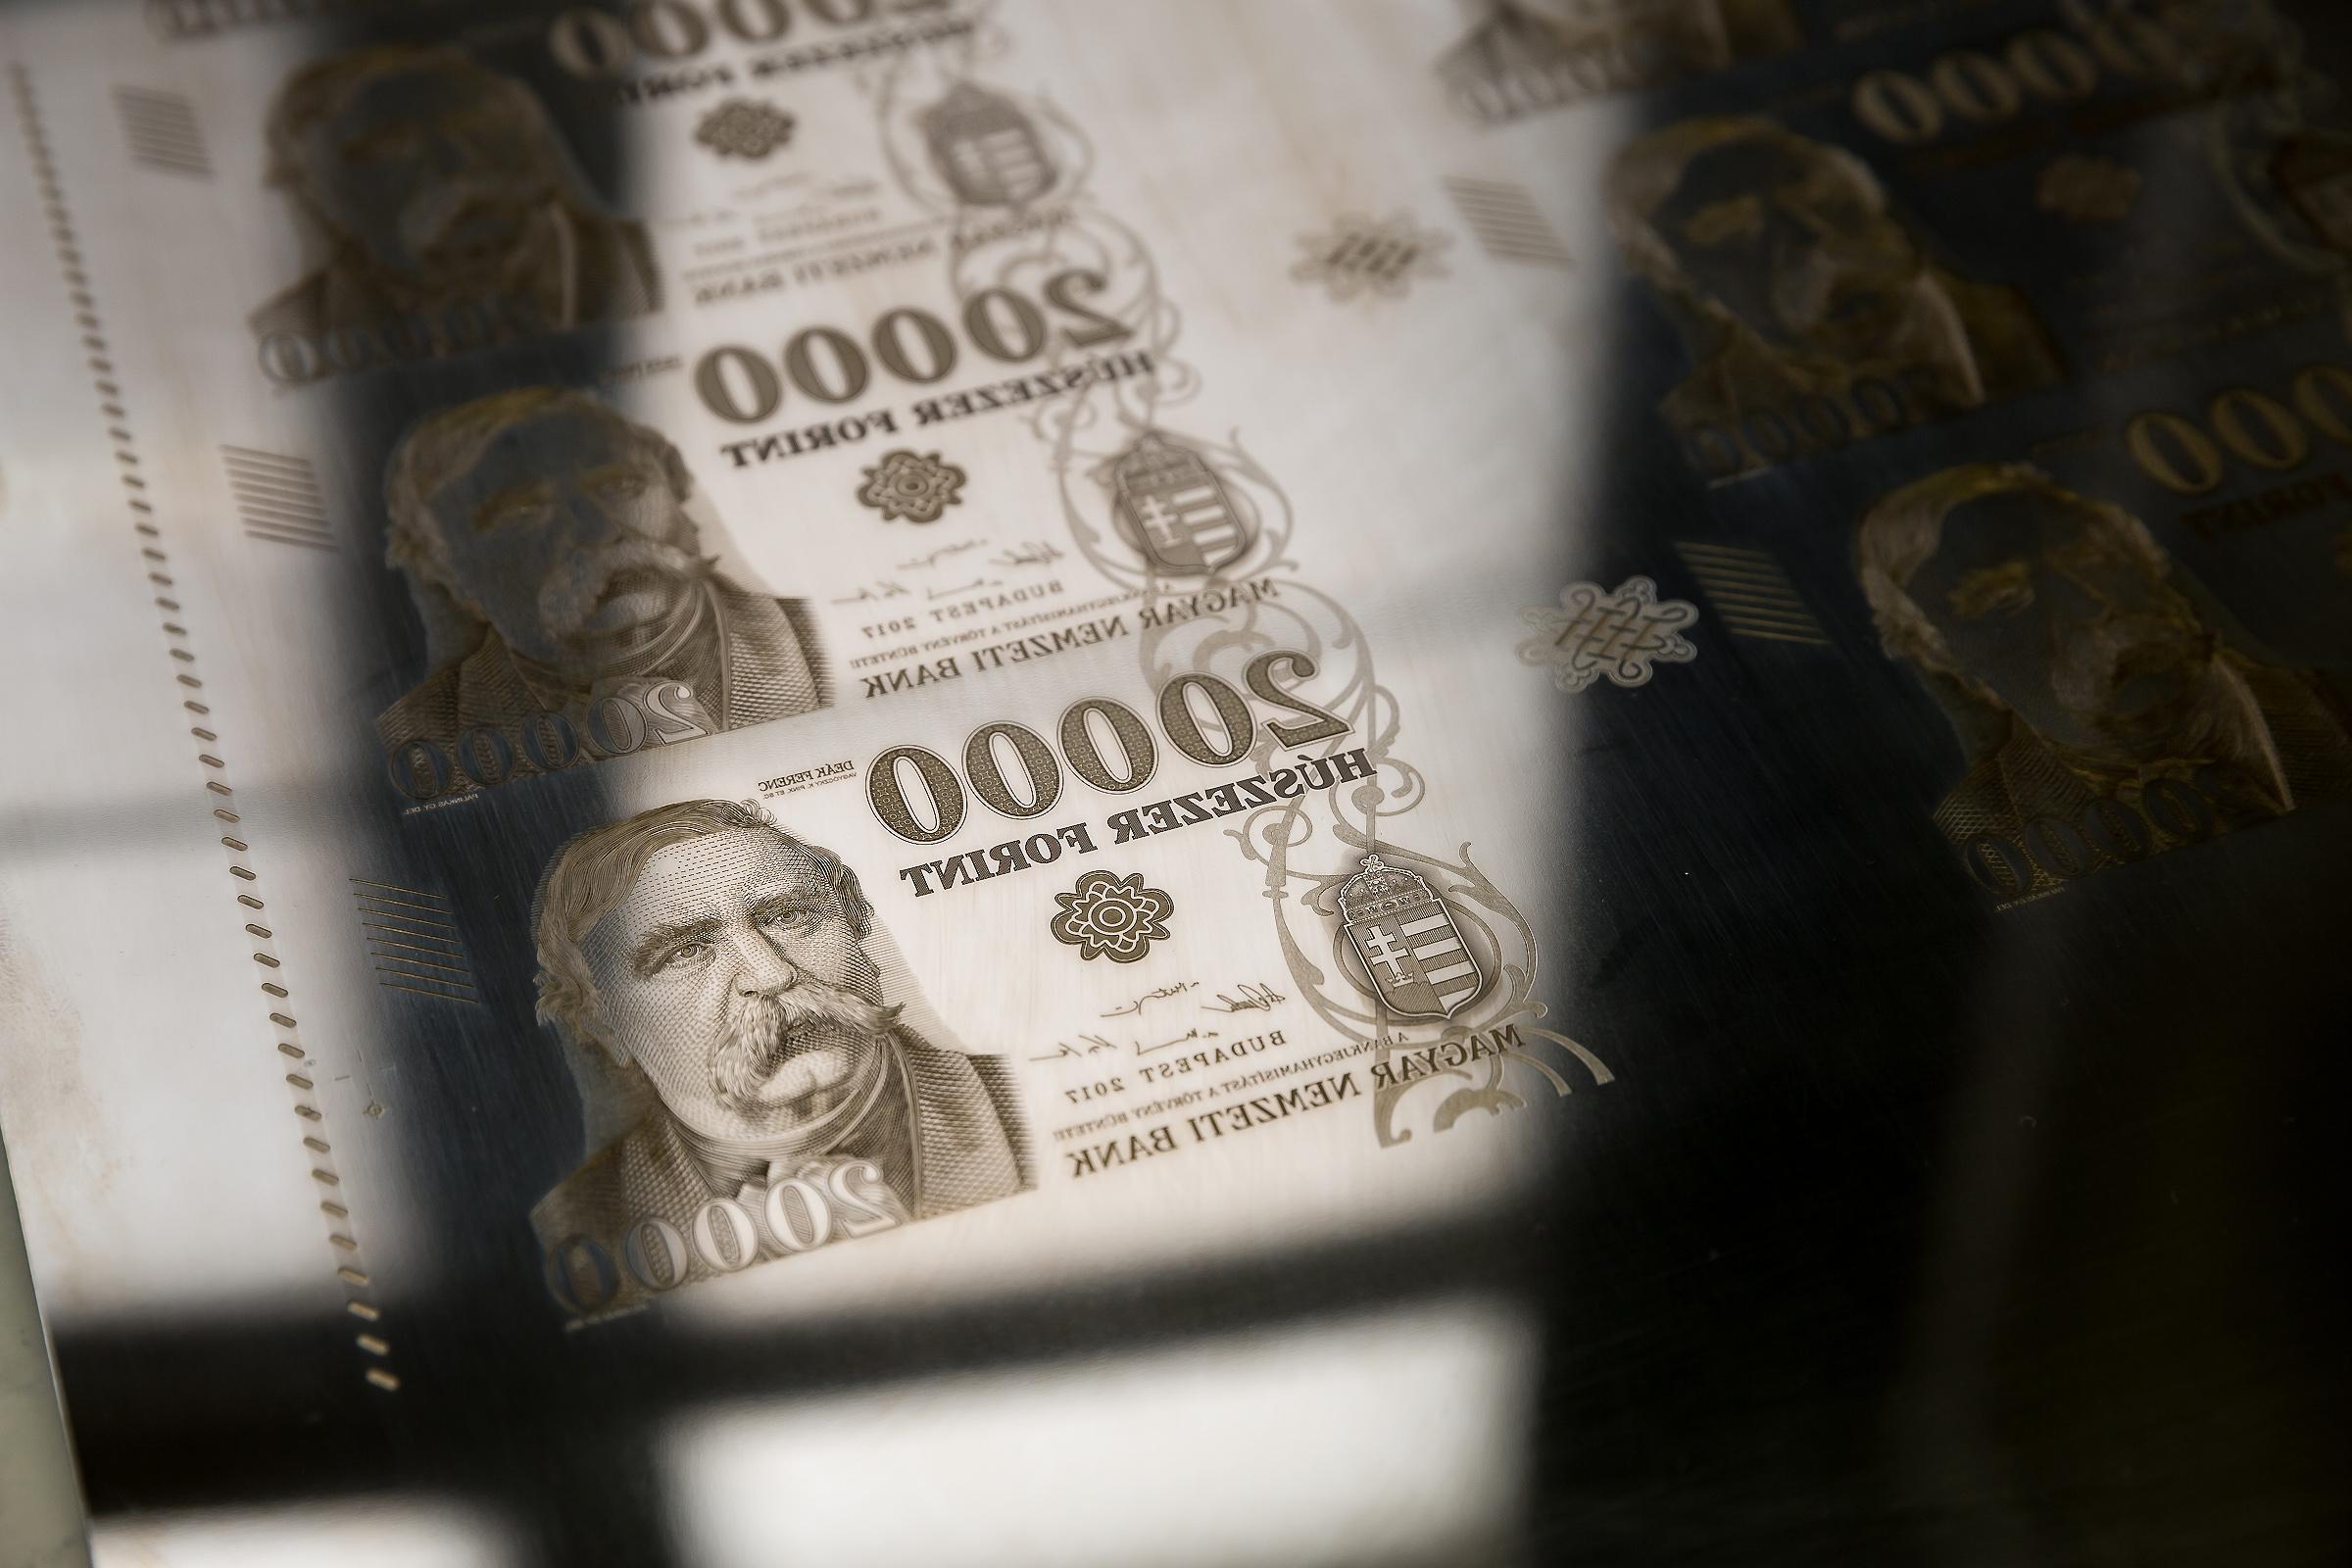 gyors pénz a gyártásra pénzt keresni a visszavonásra